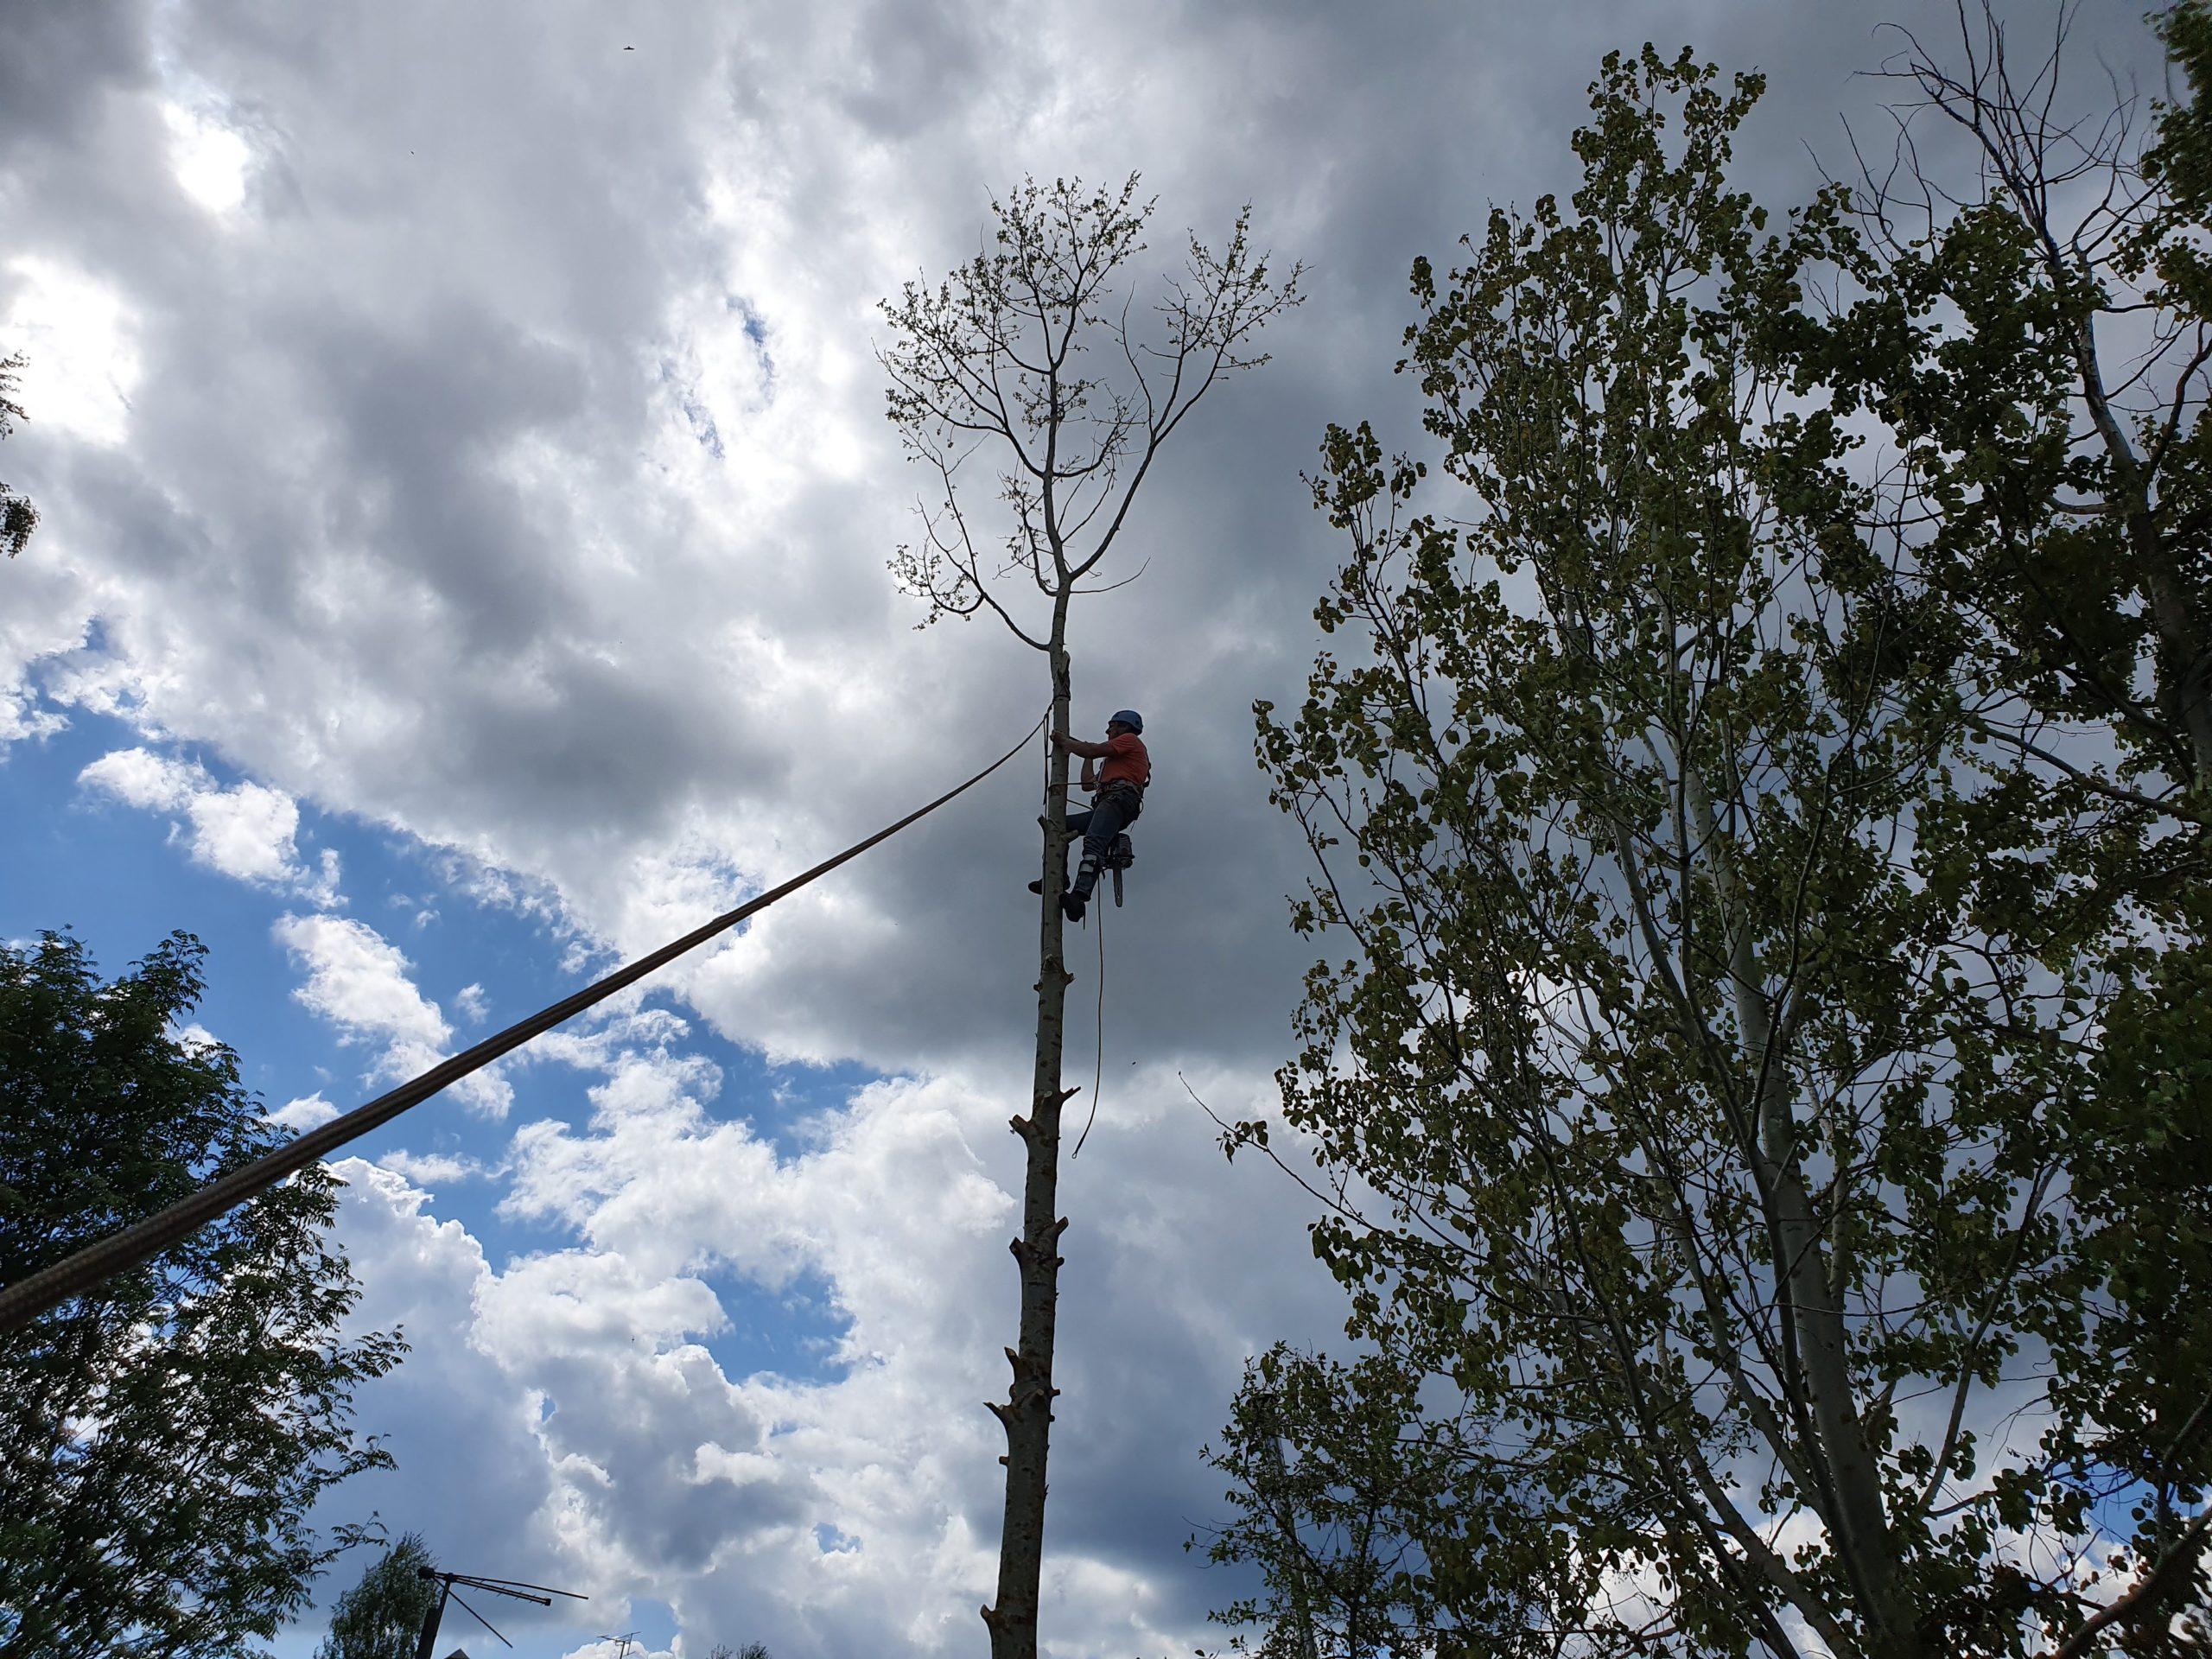 вырубают деревья картинки для регулирования движения